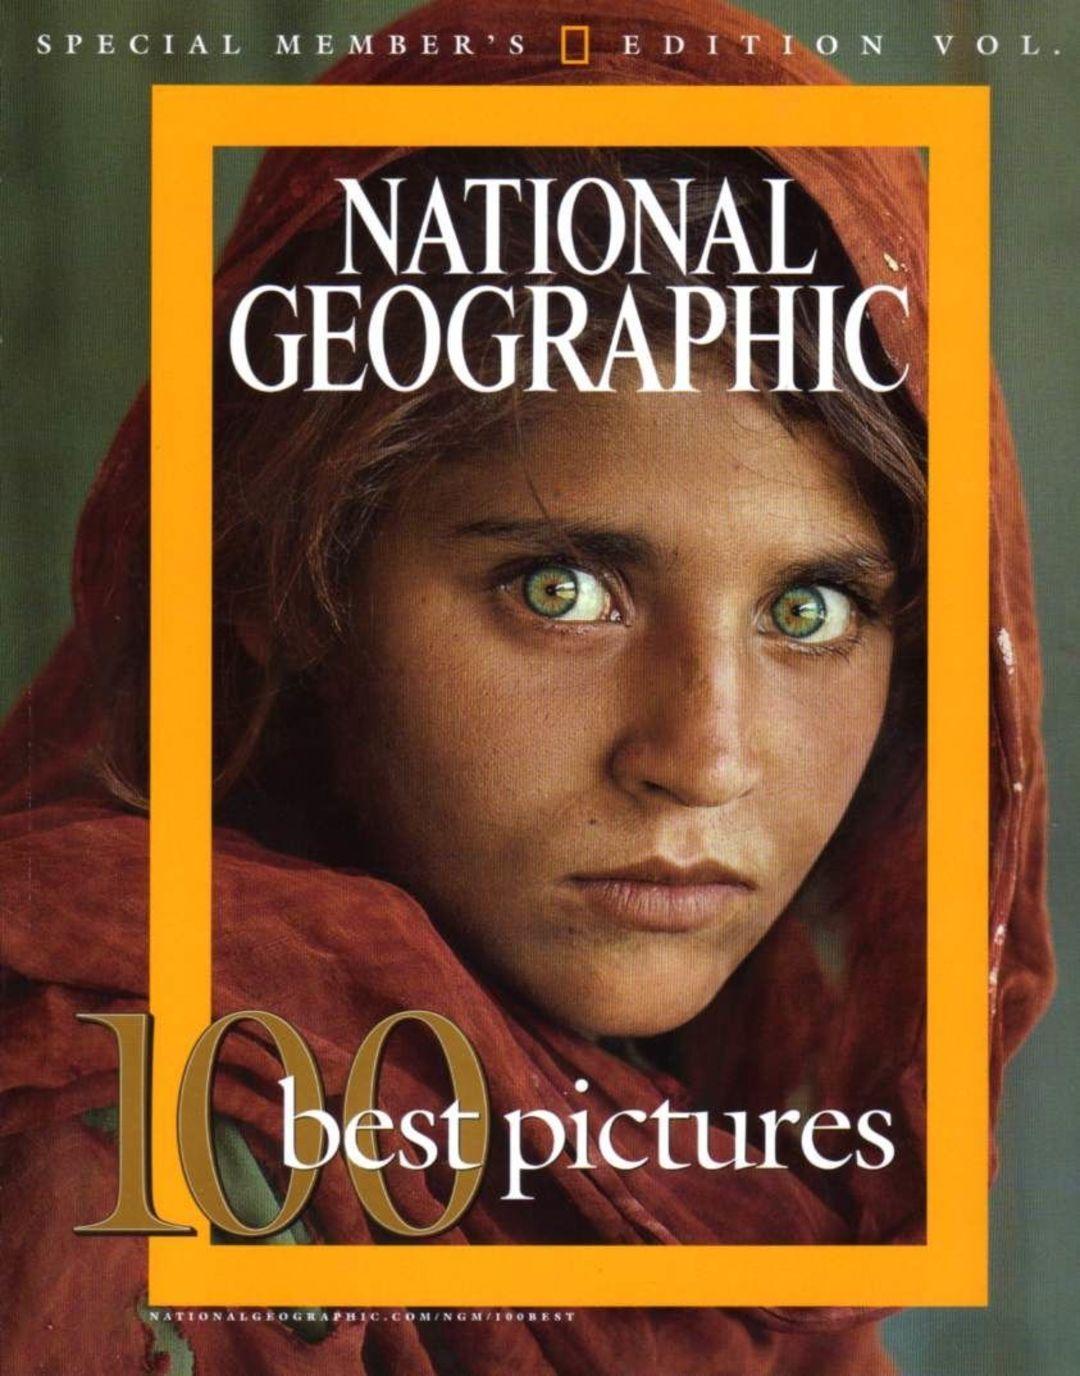 1984年,马格南图片社摄影师史蒂夫·麦凯瑞拍摄的阿富汗女孩